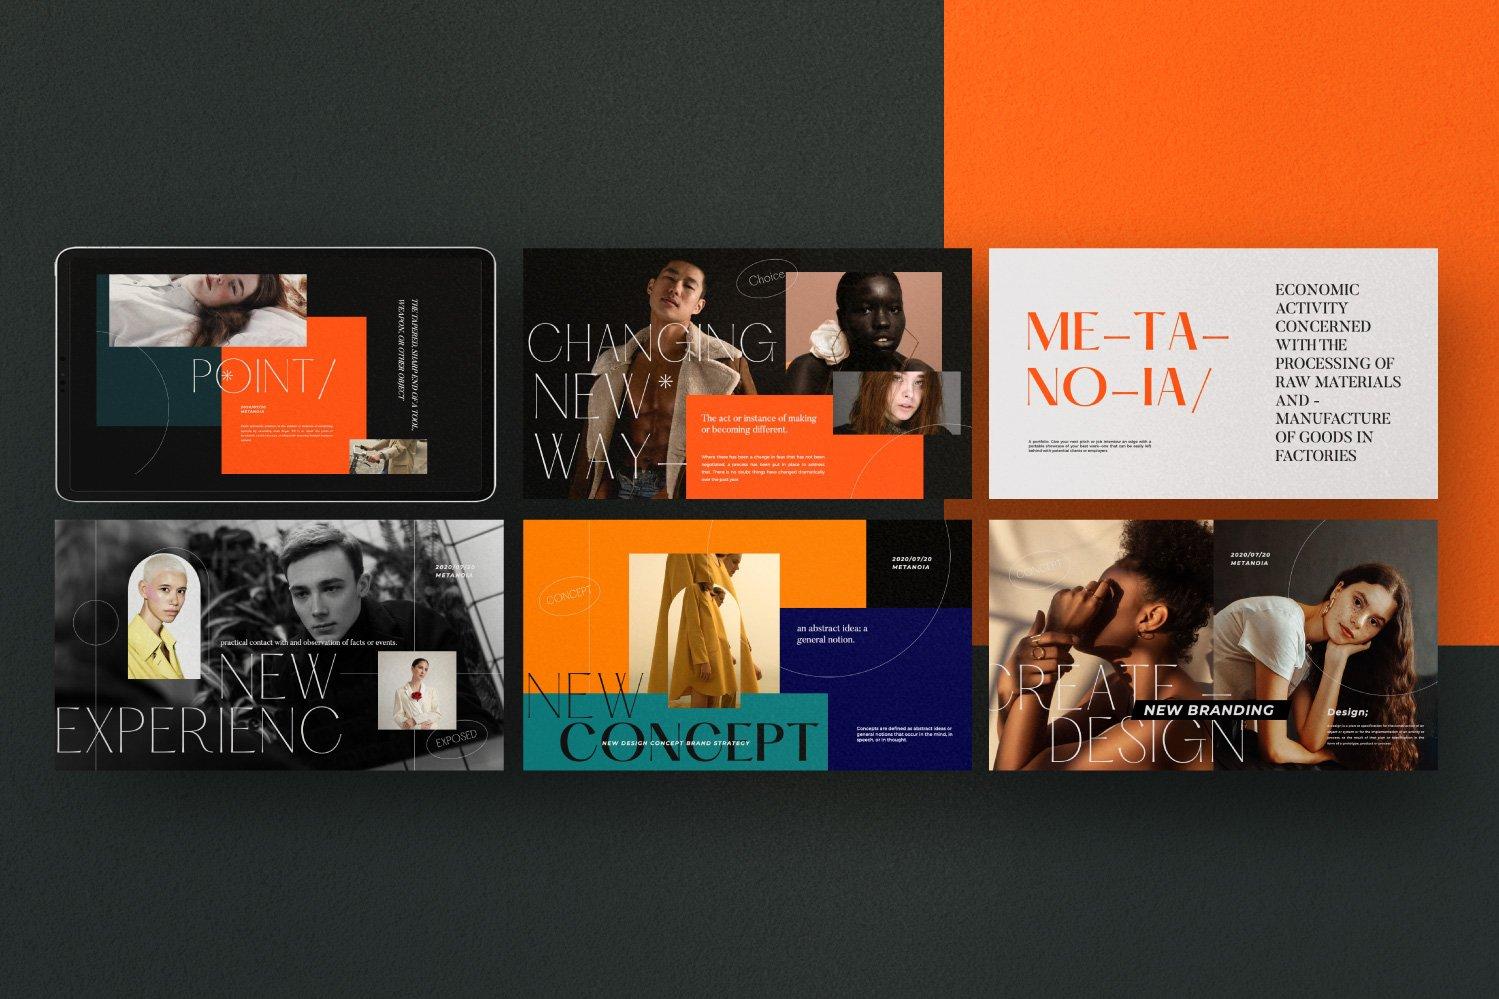 时尚潮流服装品牌摄影作品集幻灯片设计模板 Metanoia – Brand Fashion Powerpoint插图(5)